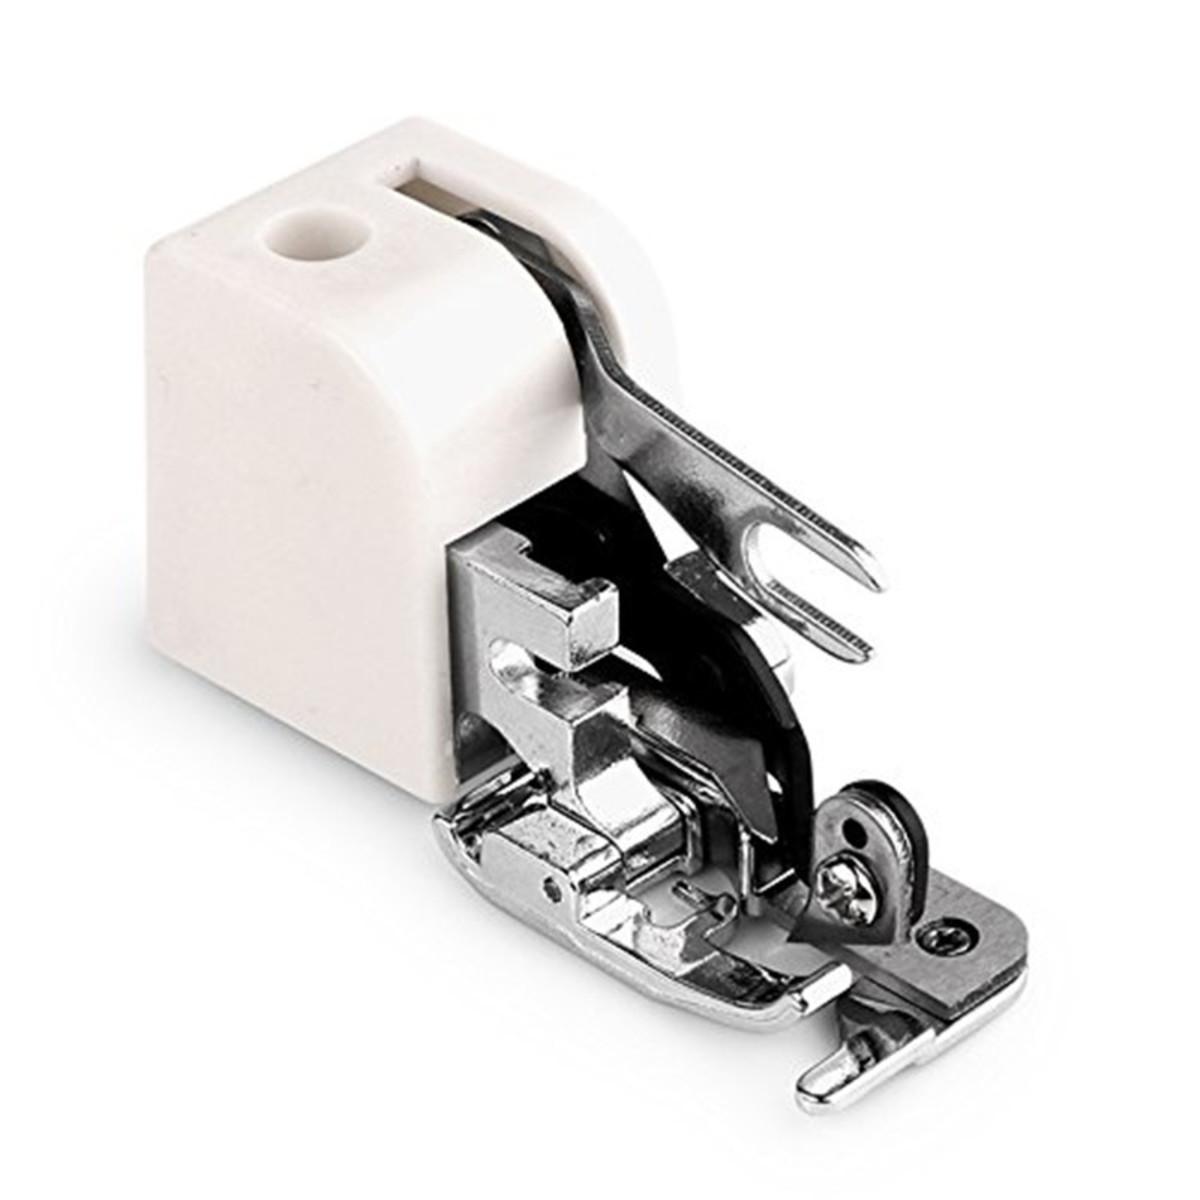 Calcador com corte para costura Overloque em máquina doméstica